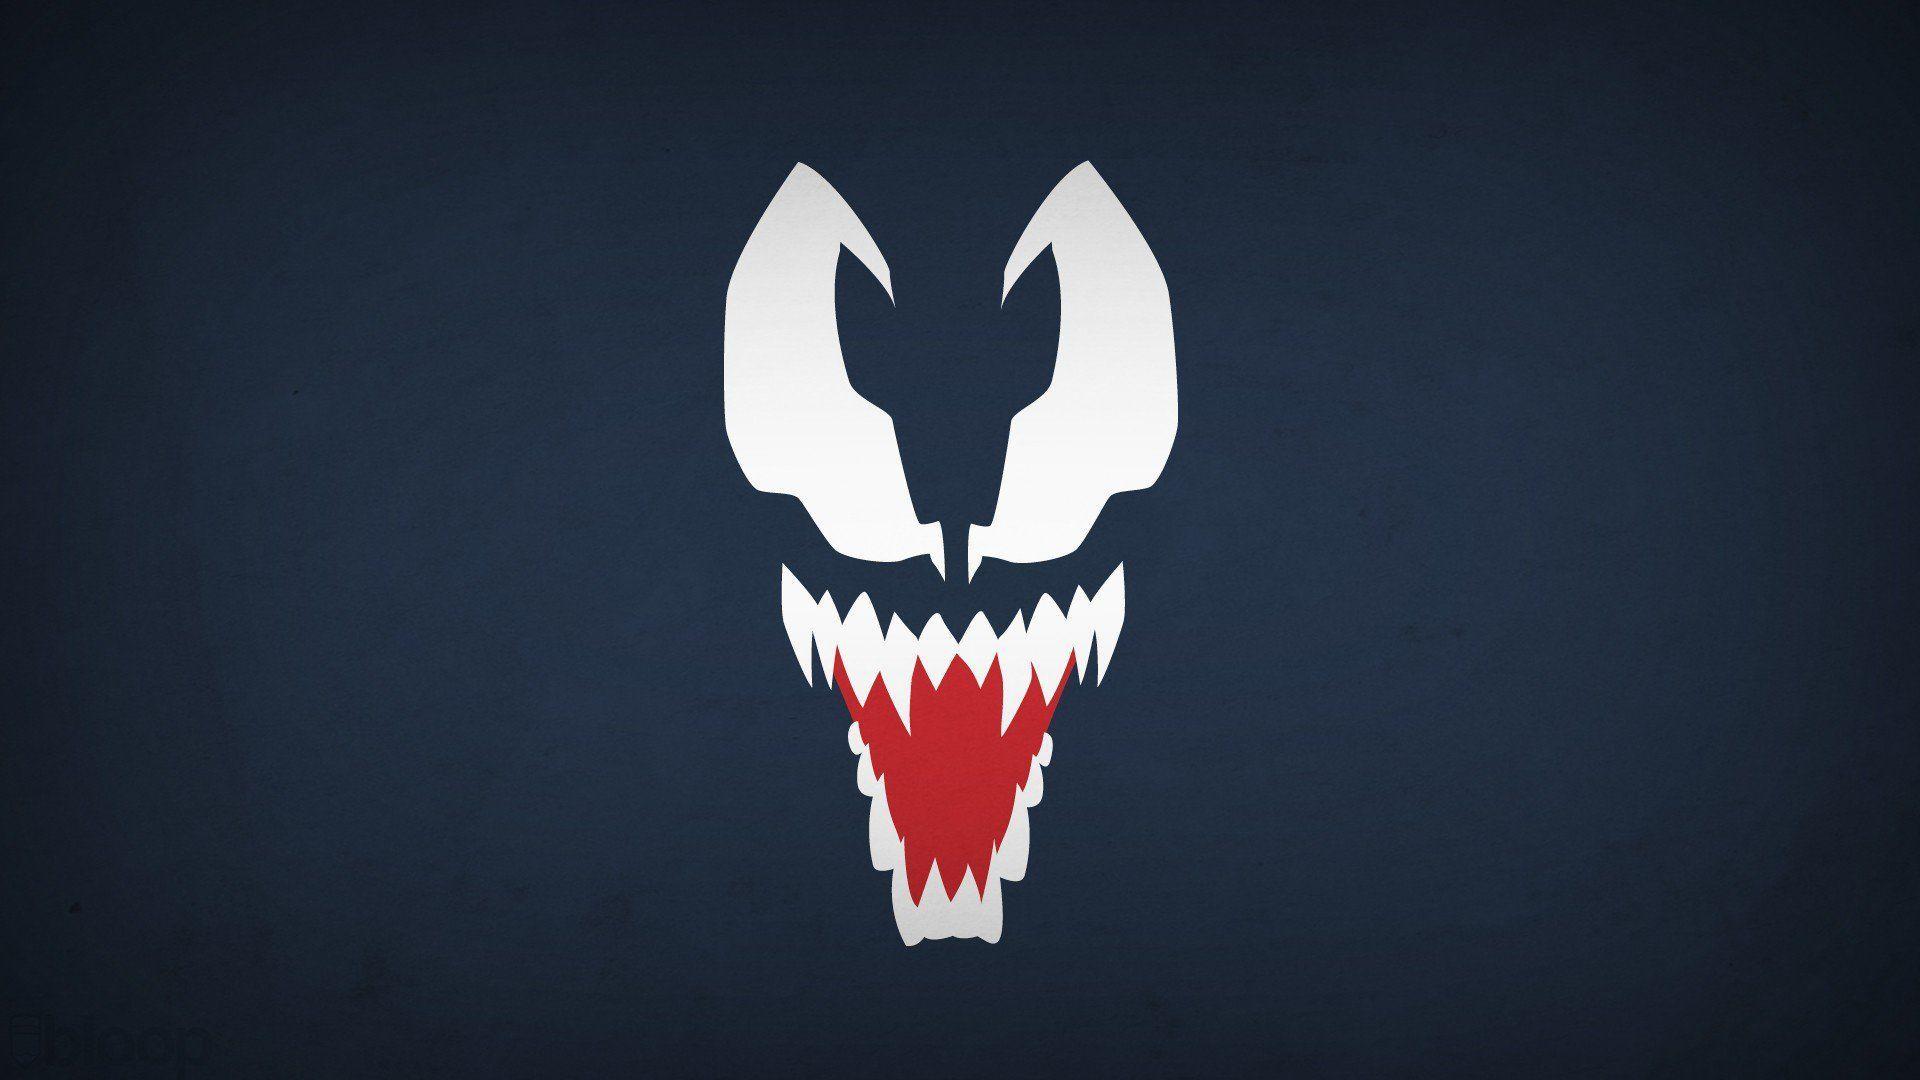 Venom Minimalist Wallpaper